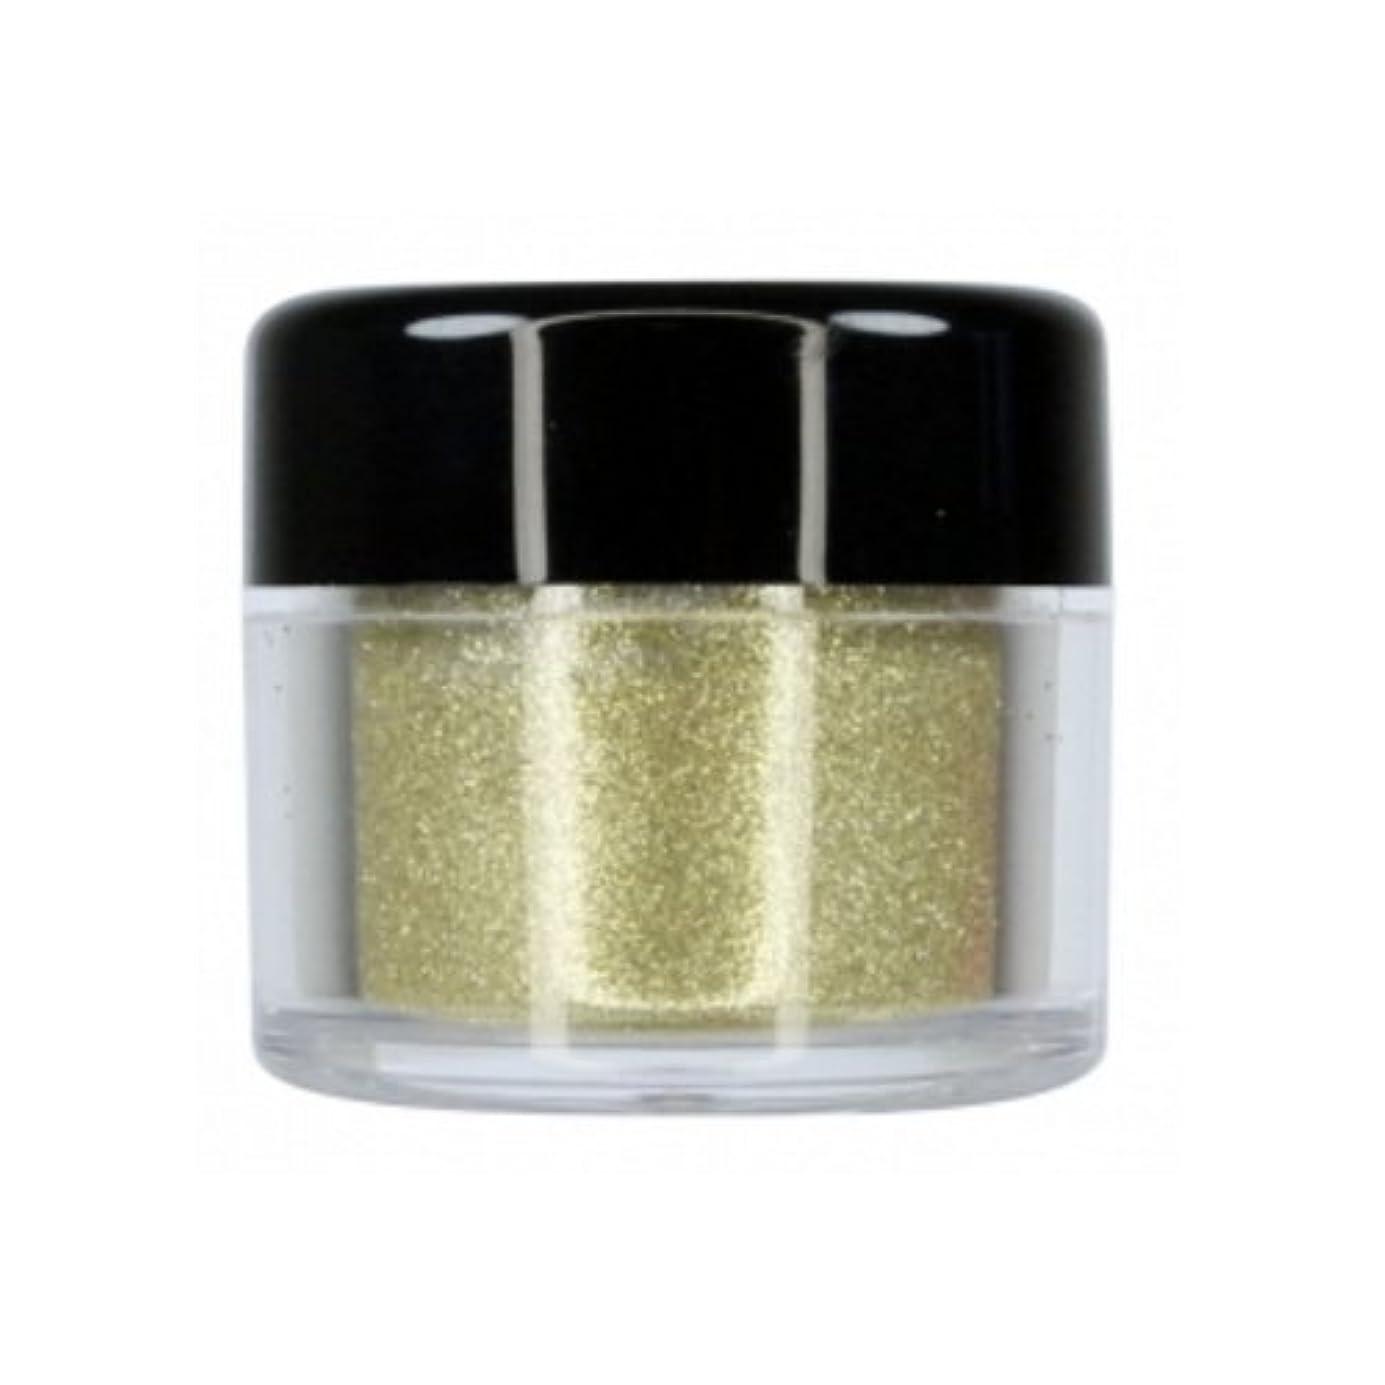 修士号敷居実際にCITY COLOR Sparkle & Shine Loose Glitter - Sparkler (並行輸入品)